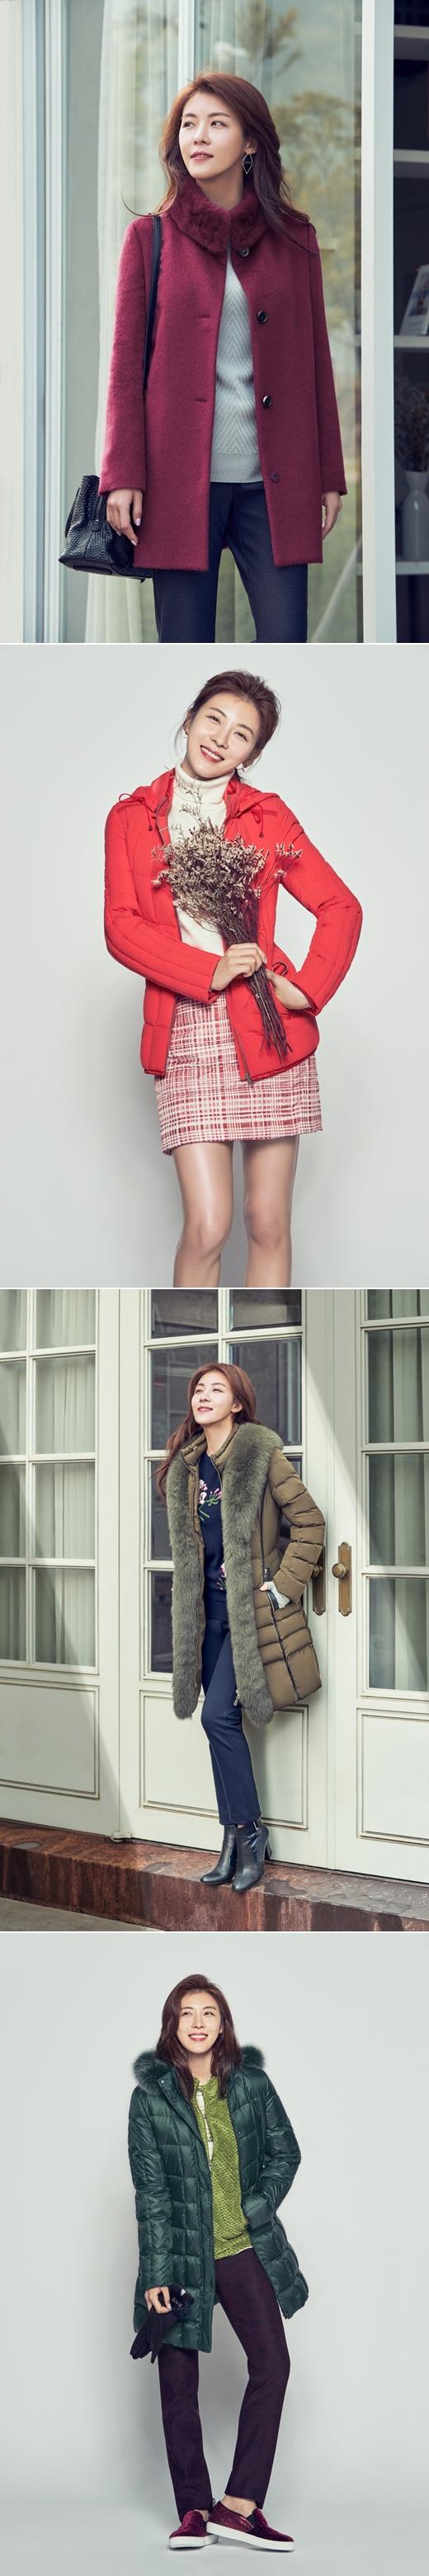 크로커다일레이디, 하지원 2016 겨울화보 공개